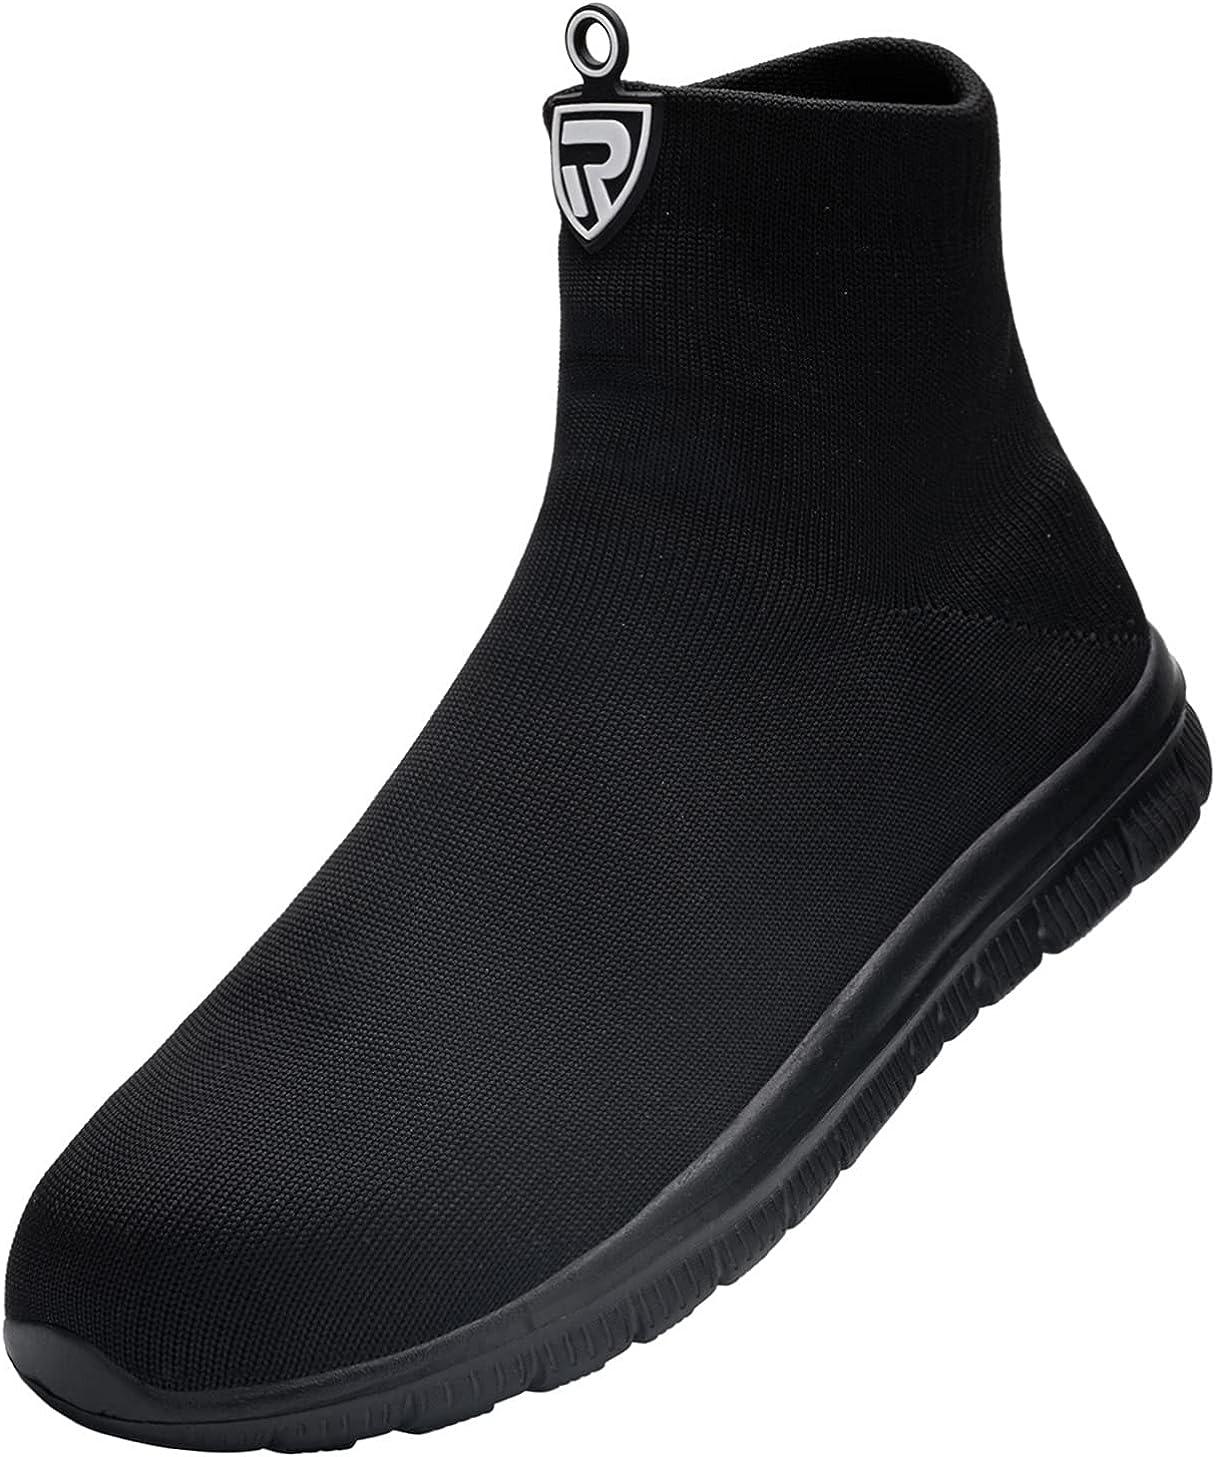 最新アイテム LARNMERN Steel Toe Shoes for Men Women Br Lightweight Work Boots 海外並行輸入正規品